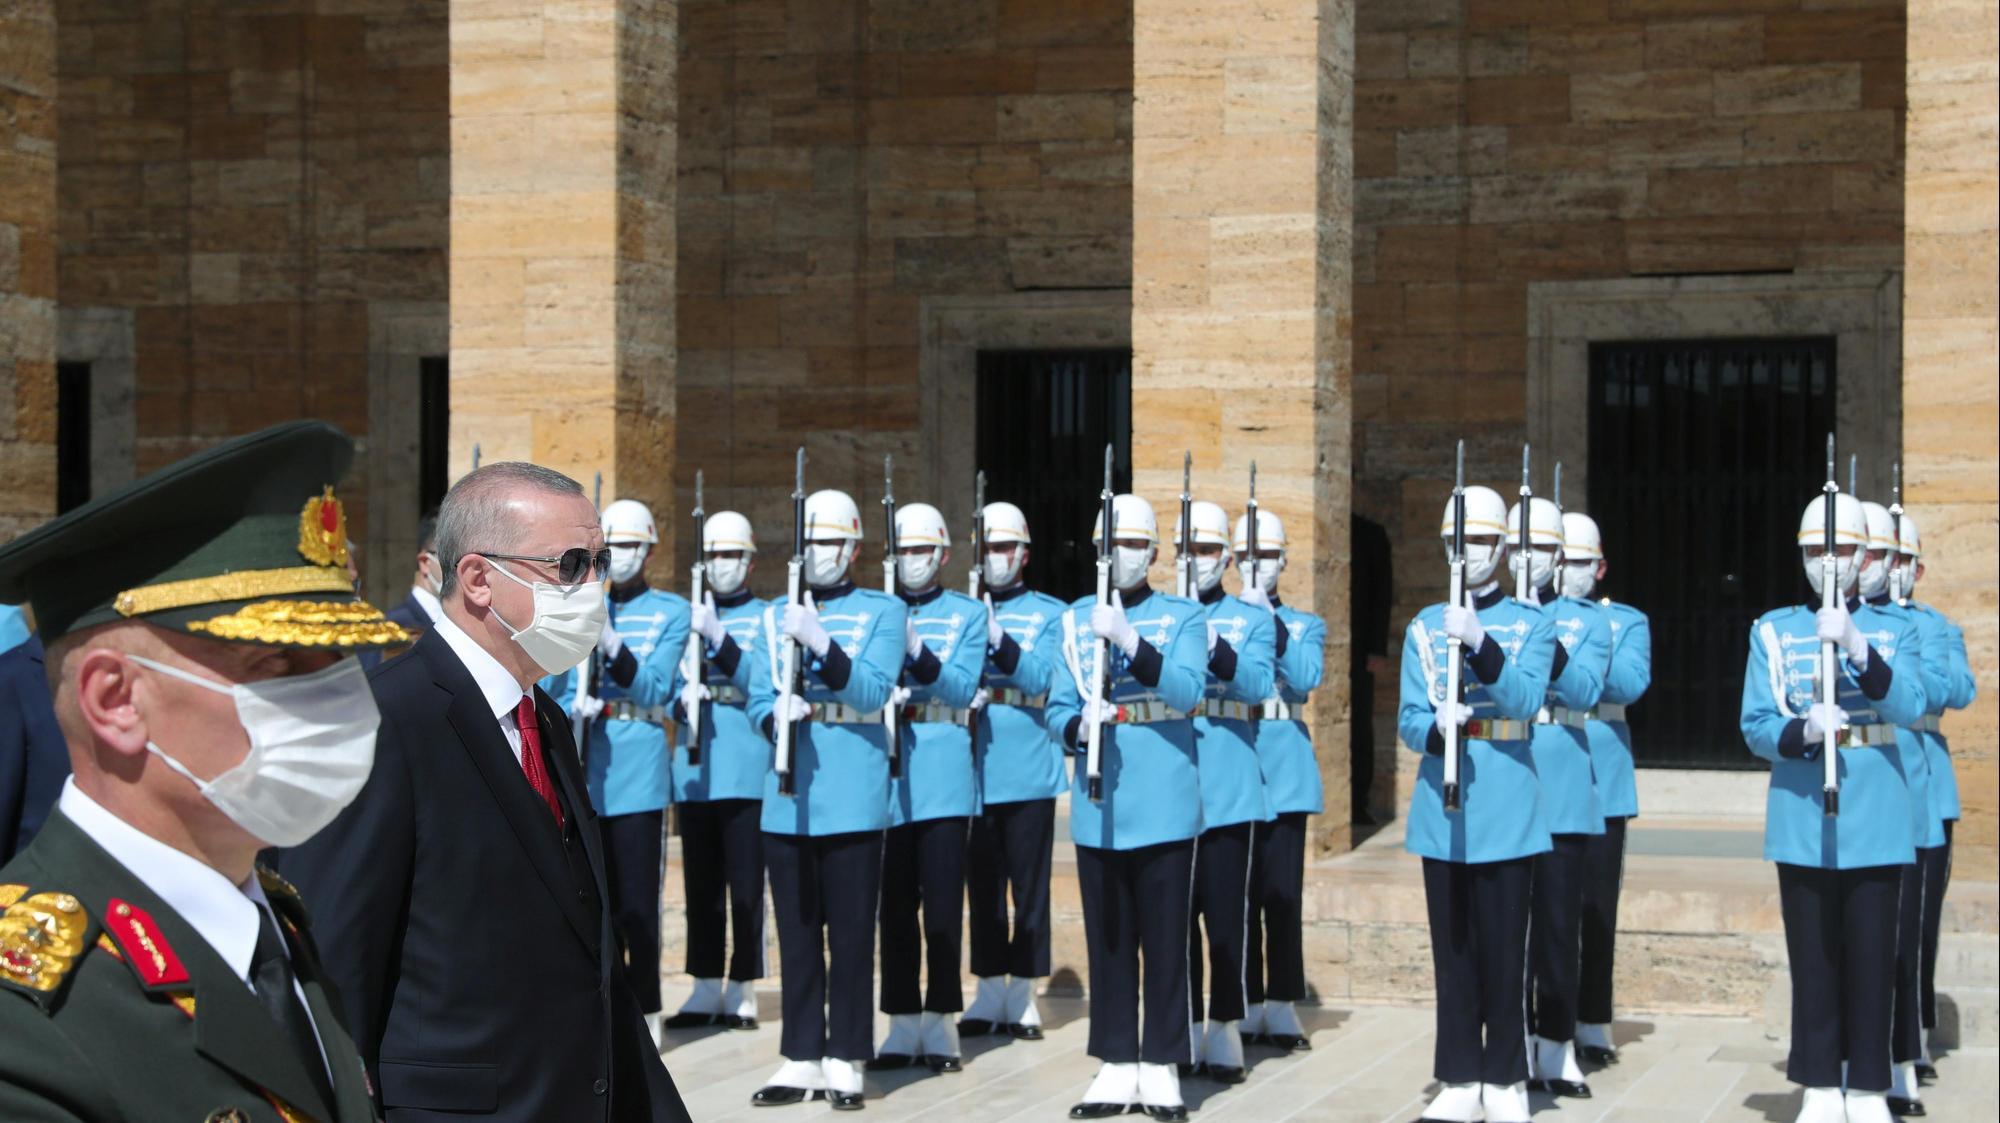 נשיא טורקיה רג'פ טייפ ארדואן בטקס באיסטנבול לציון 98 שנה לניצחון על יוון, 30 באוגוסט 2020. רויטרס